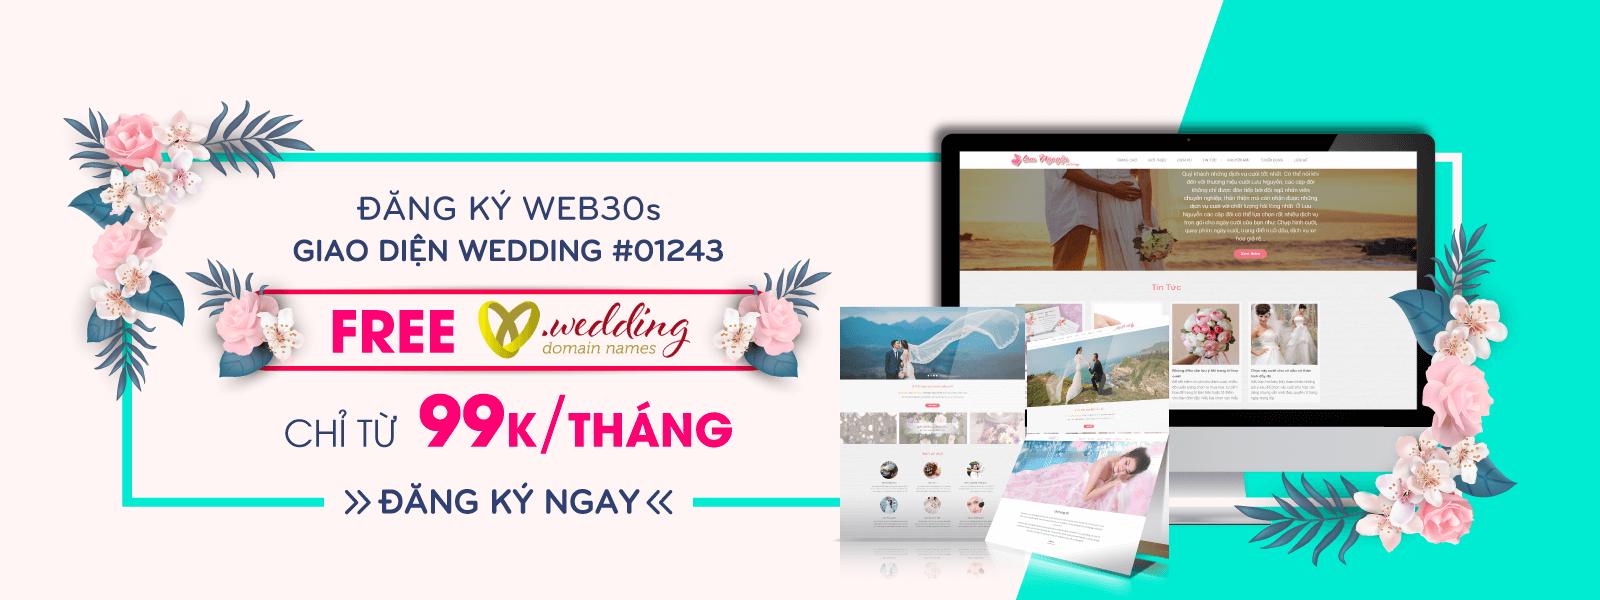 FREE .WEDDING khi đăng ký Web30s